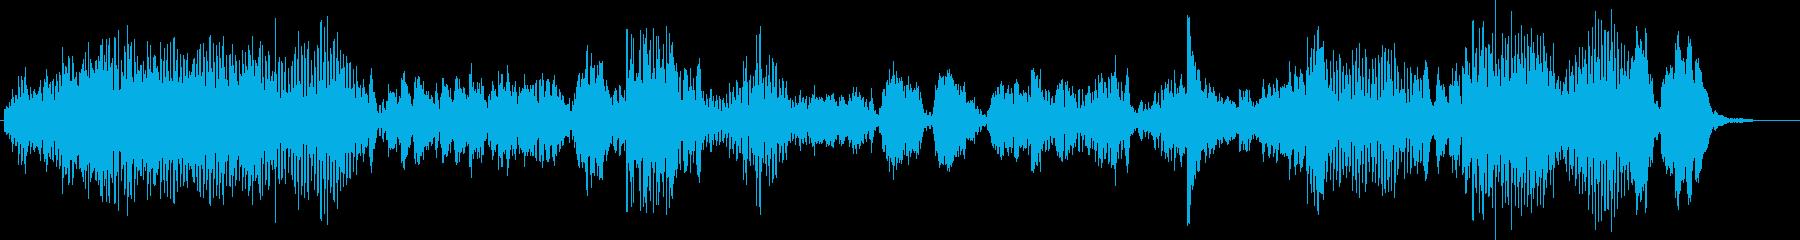 クラシック 感情的 楽しげ ハイテ...の再生済みの波形